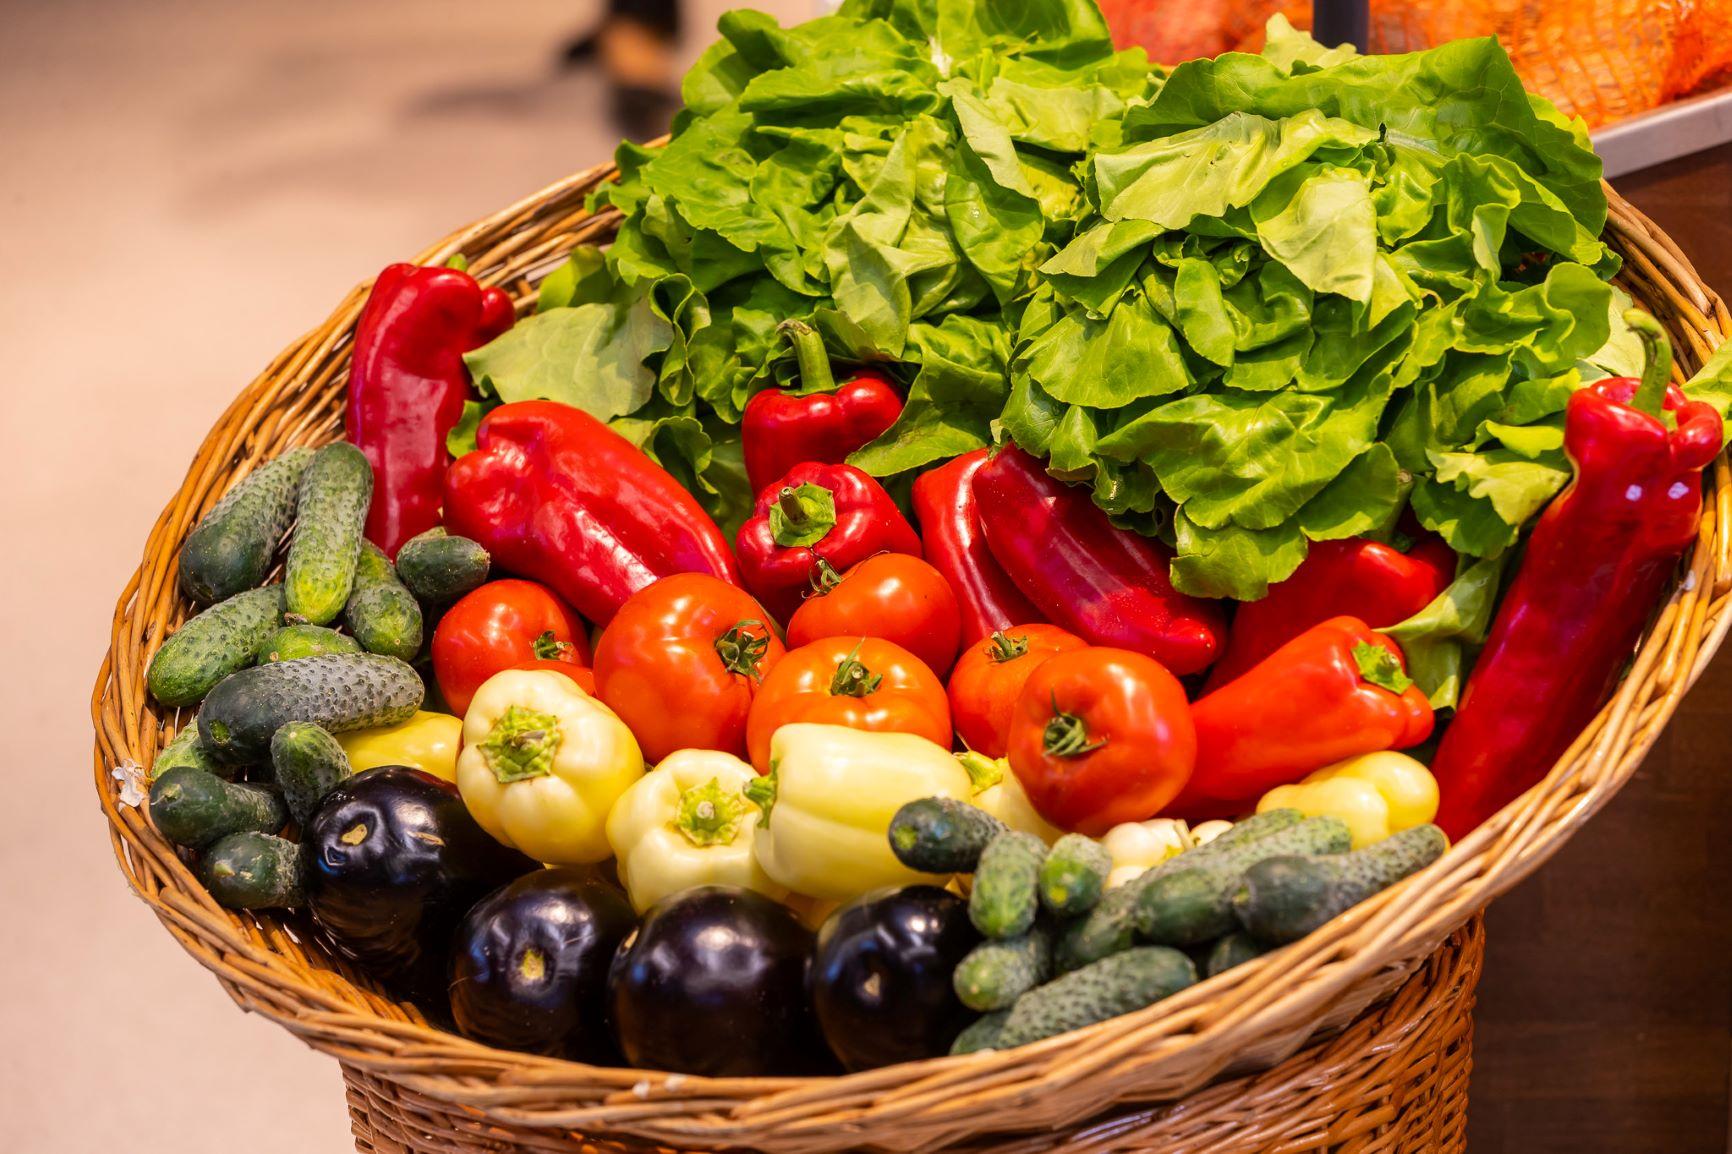 Rosia romaneasca de septembrie! Cum se adapteaza retailul la oferta locala